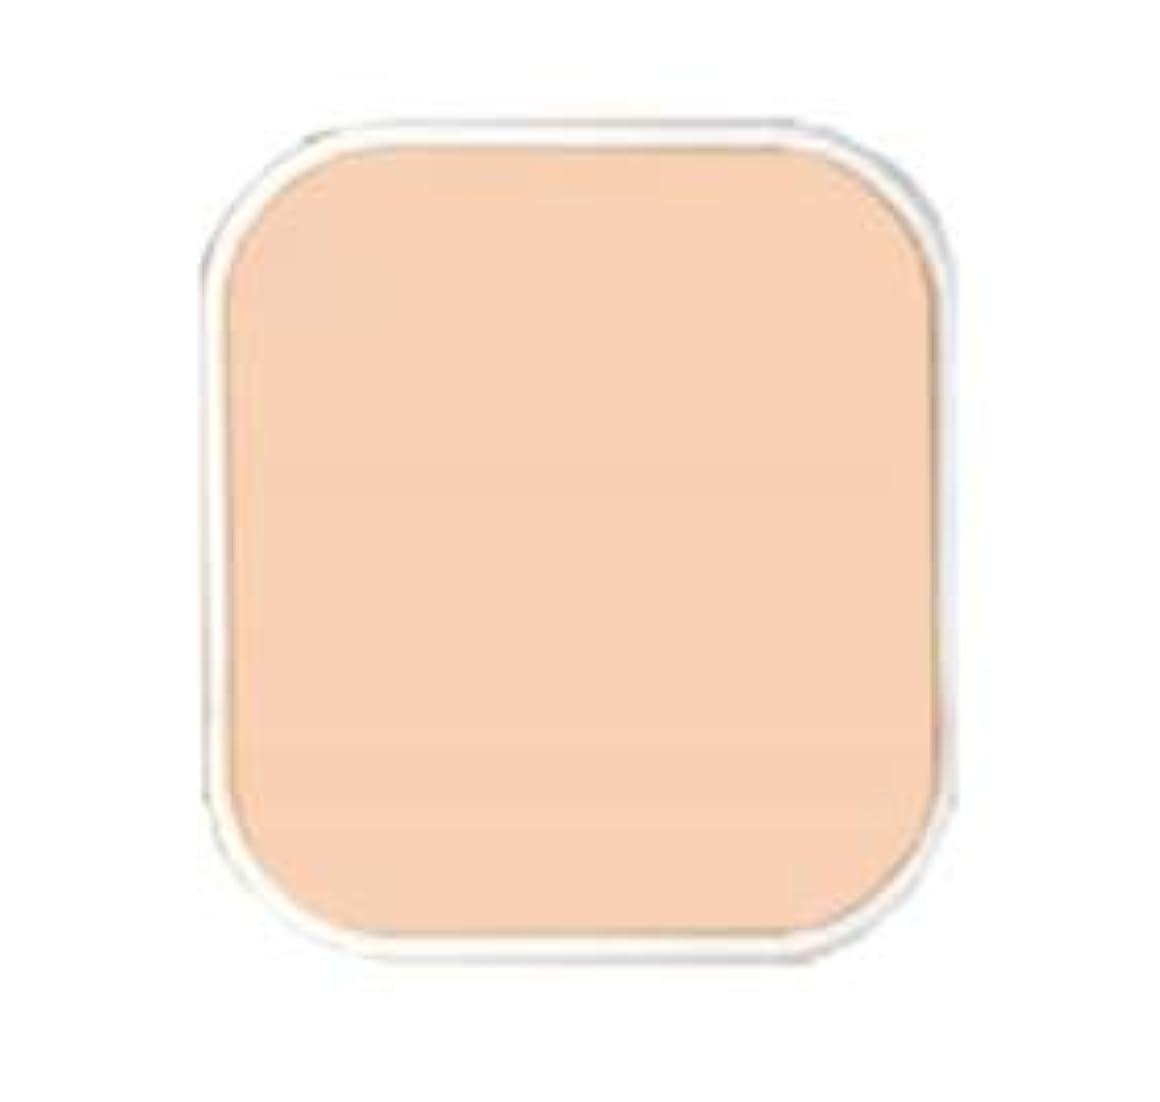 それらキャメル重大アクセーヌ クリーミィファンデーションPV(リフィル)<P20自然なピンク系>※ケース別売り(11g)